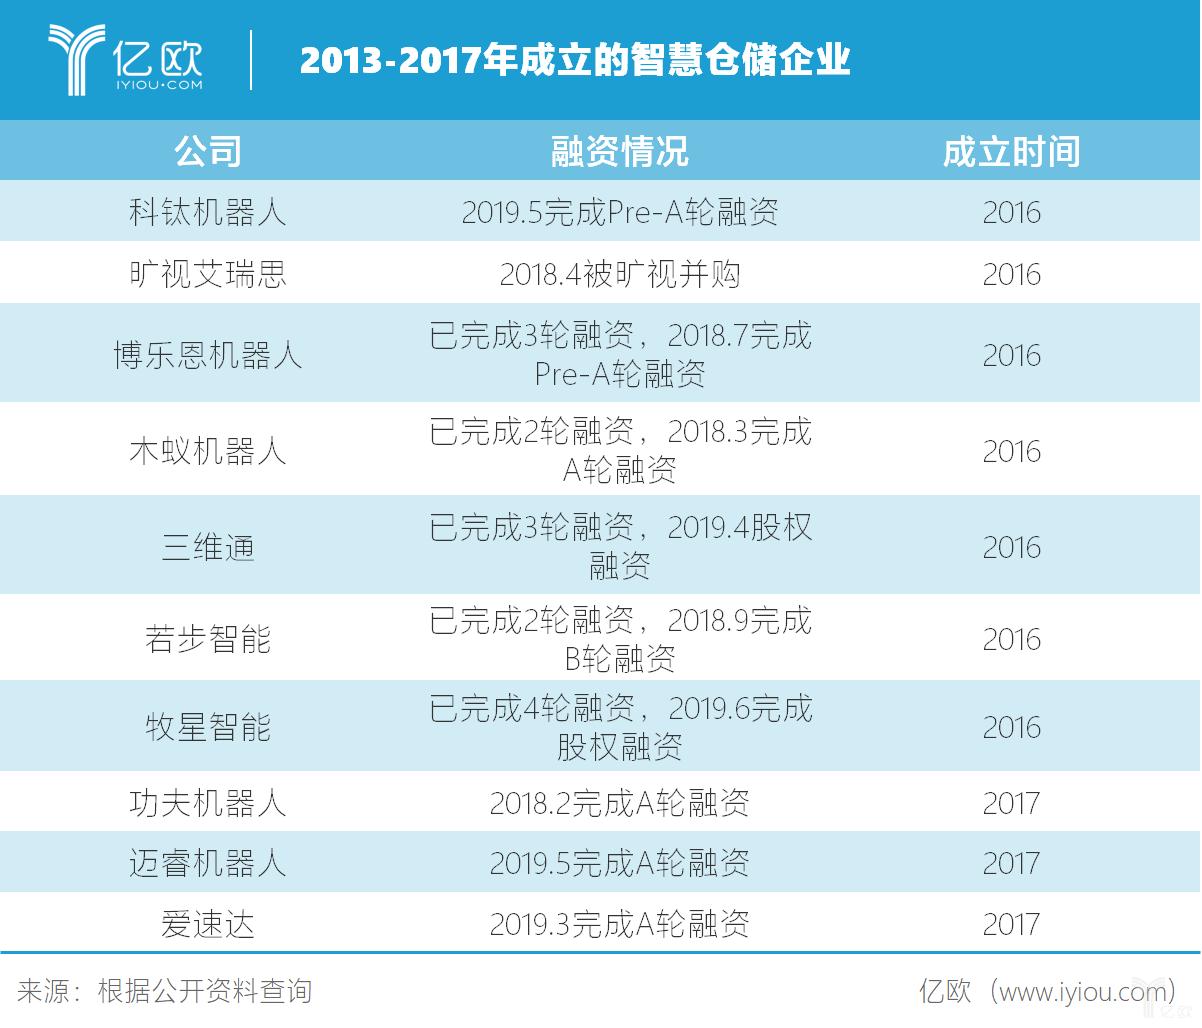 2013-2017年成立的灵敏仓储企业